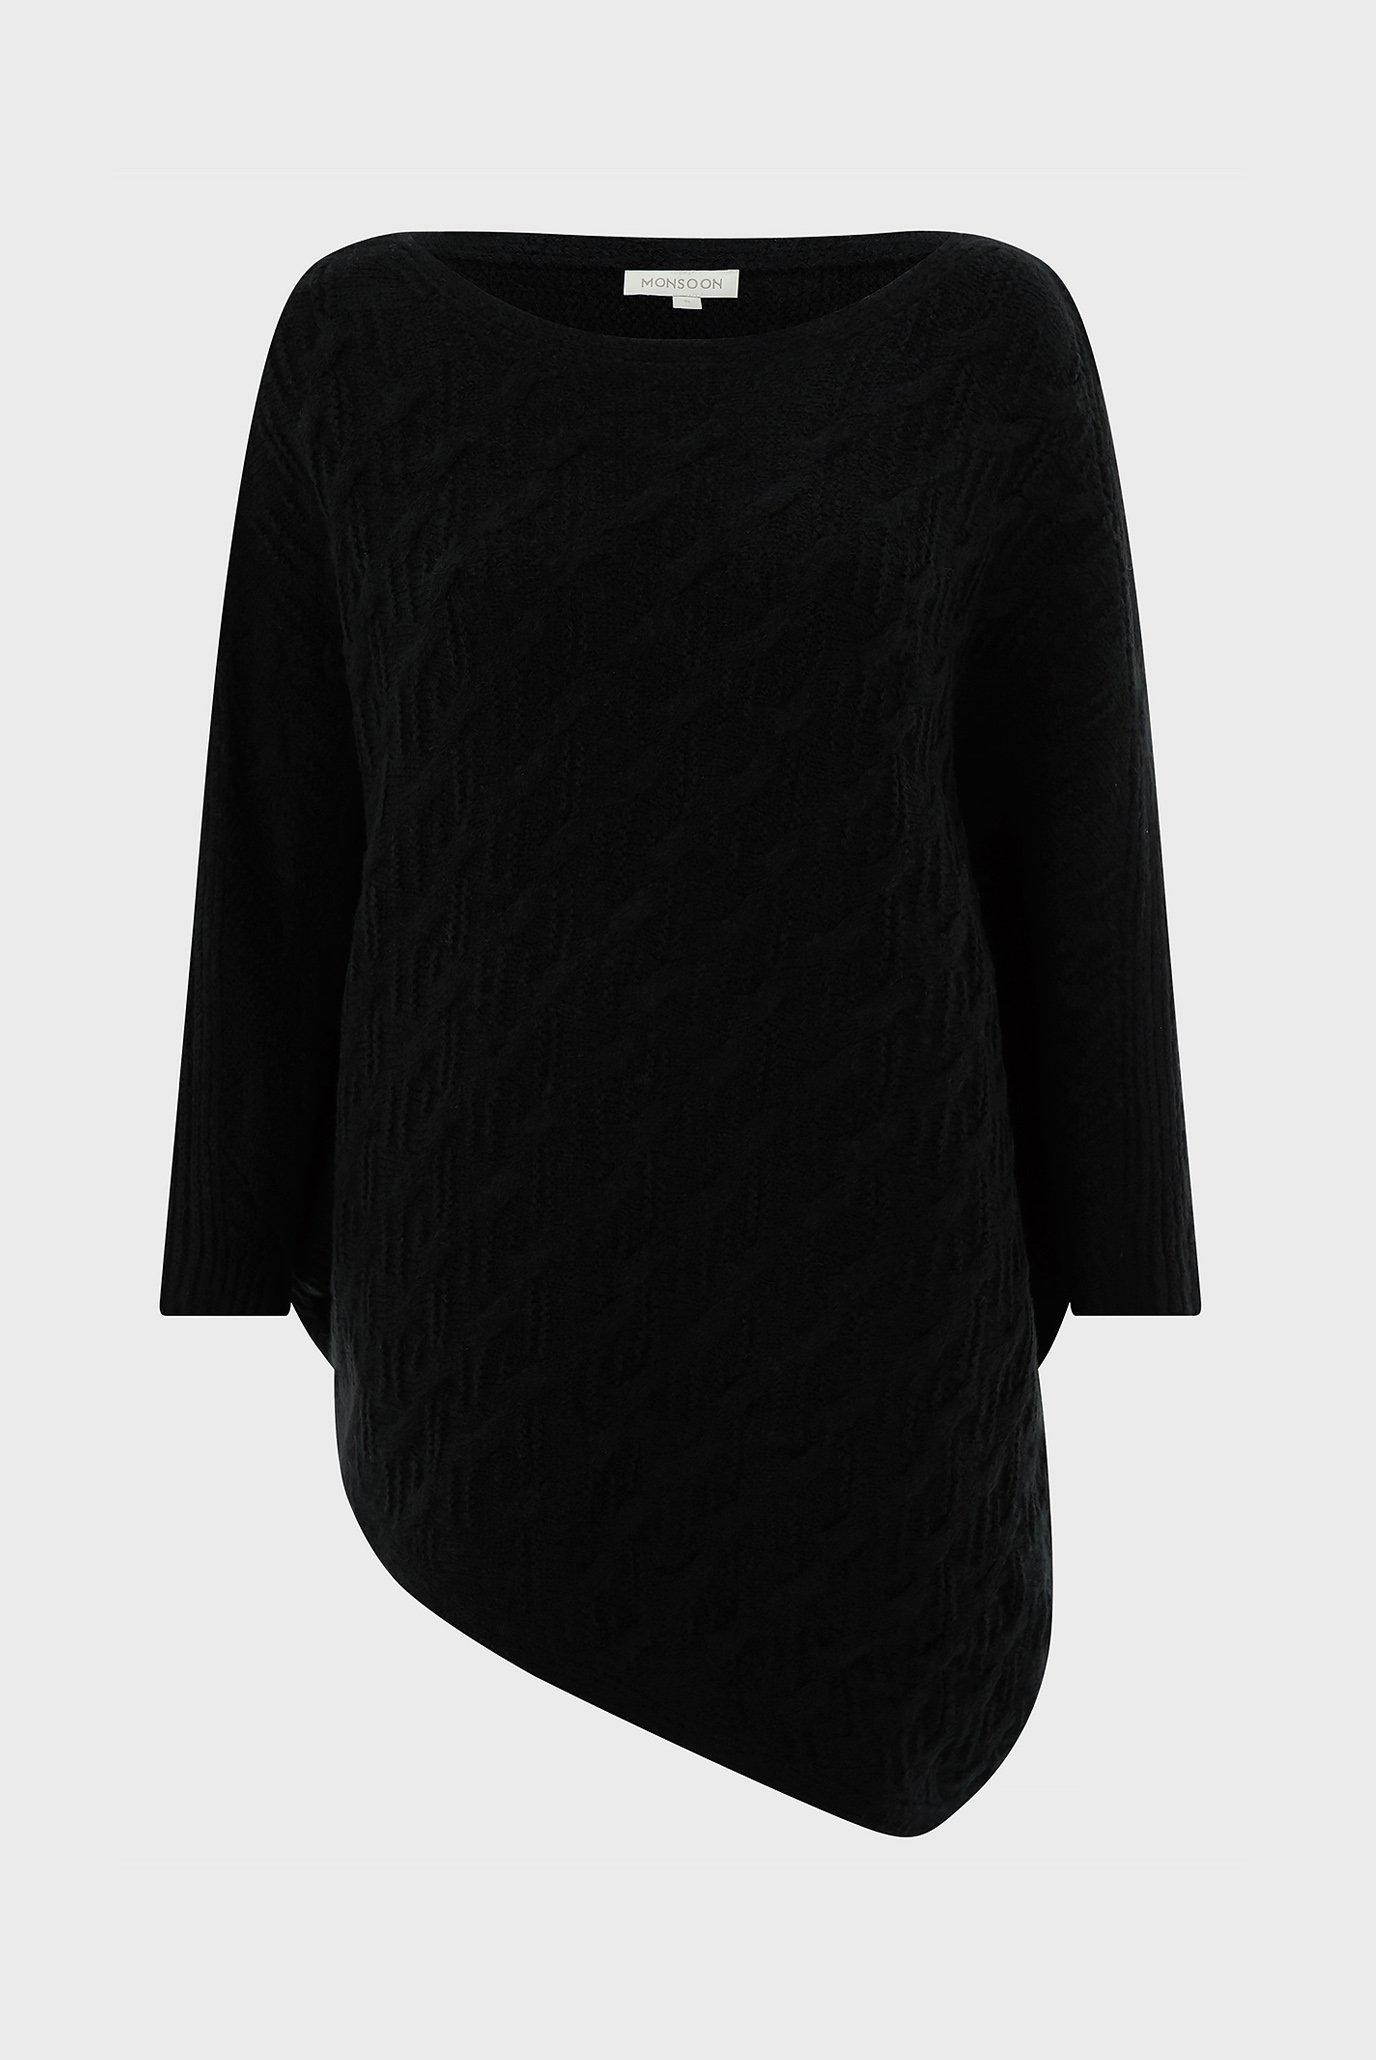 Купить Женское черное пончо WB CABLE ASYMETRIC PONCHO Accessorize Accessorize 587320 – Киев, Украина. Цены в интернет магазине MD Fashion